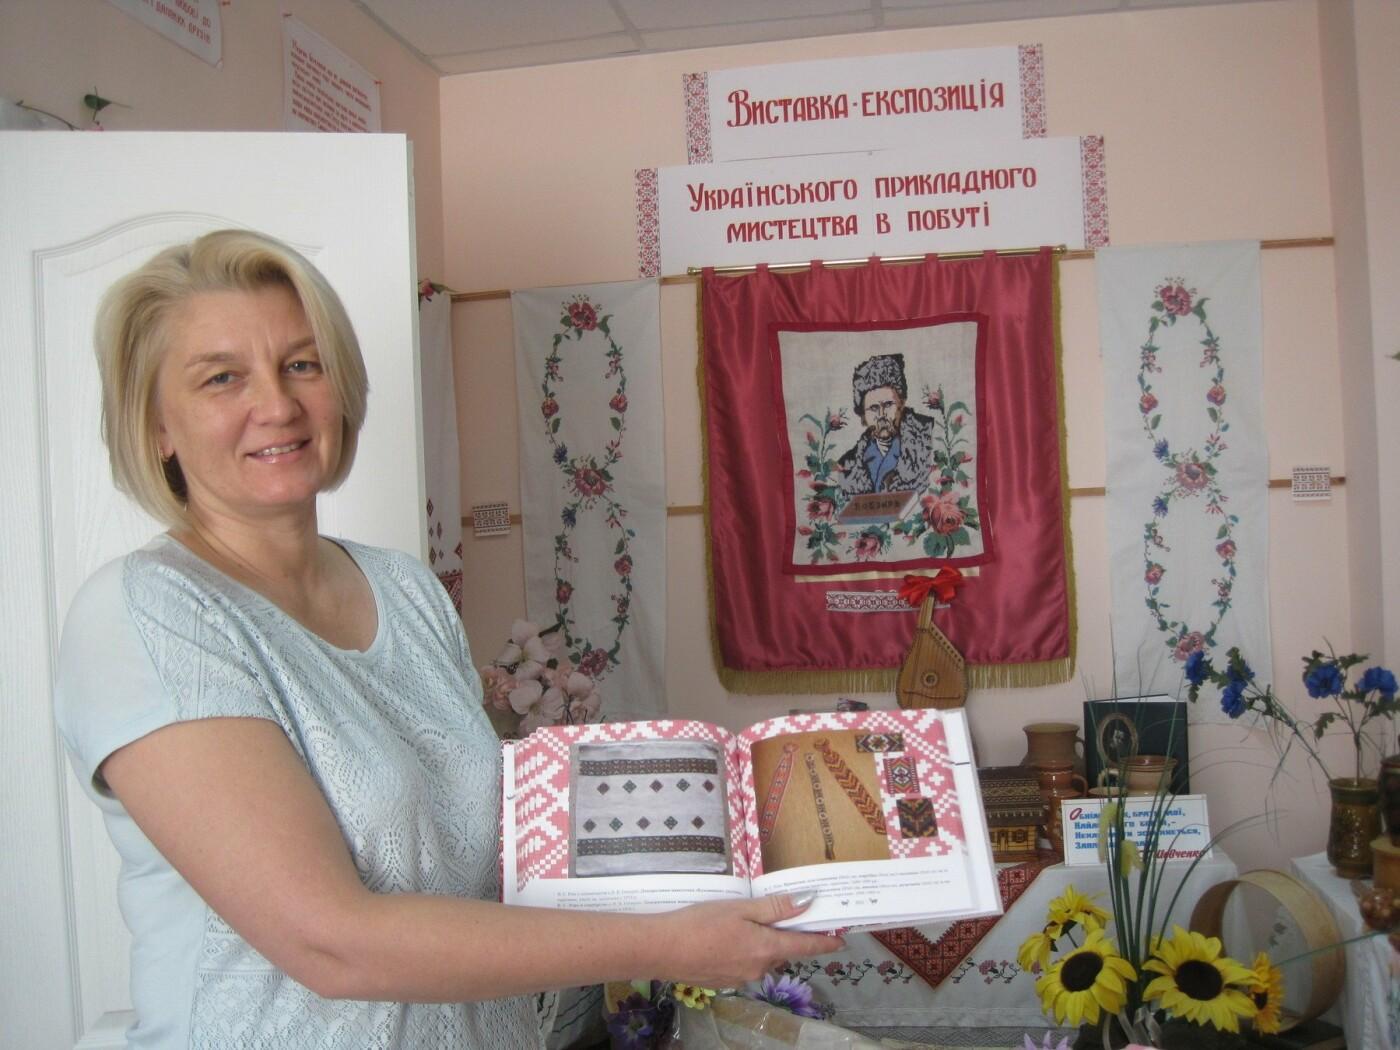 Ялтинской библиотеке подарили альбом вышивок и узоров Веры Роик «Песни, вышитые нитками», фото-1